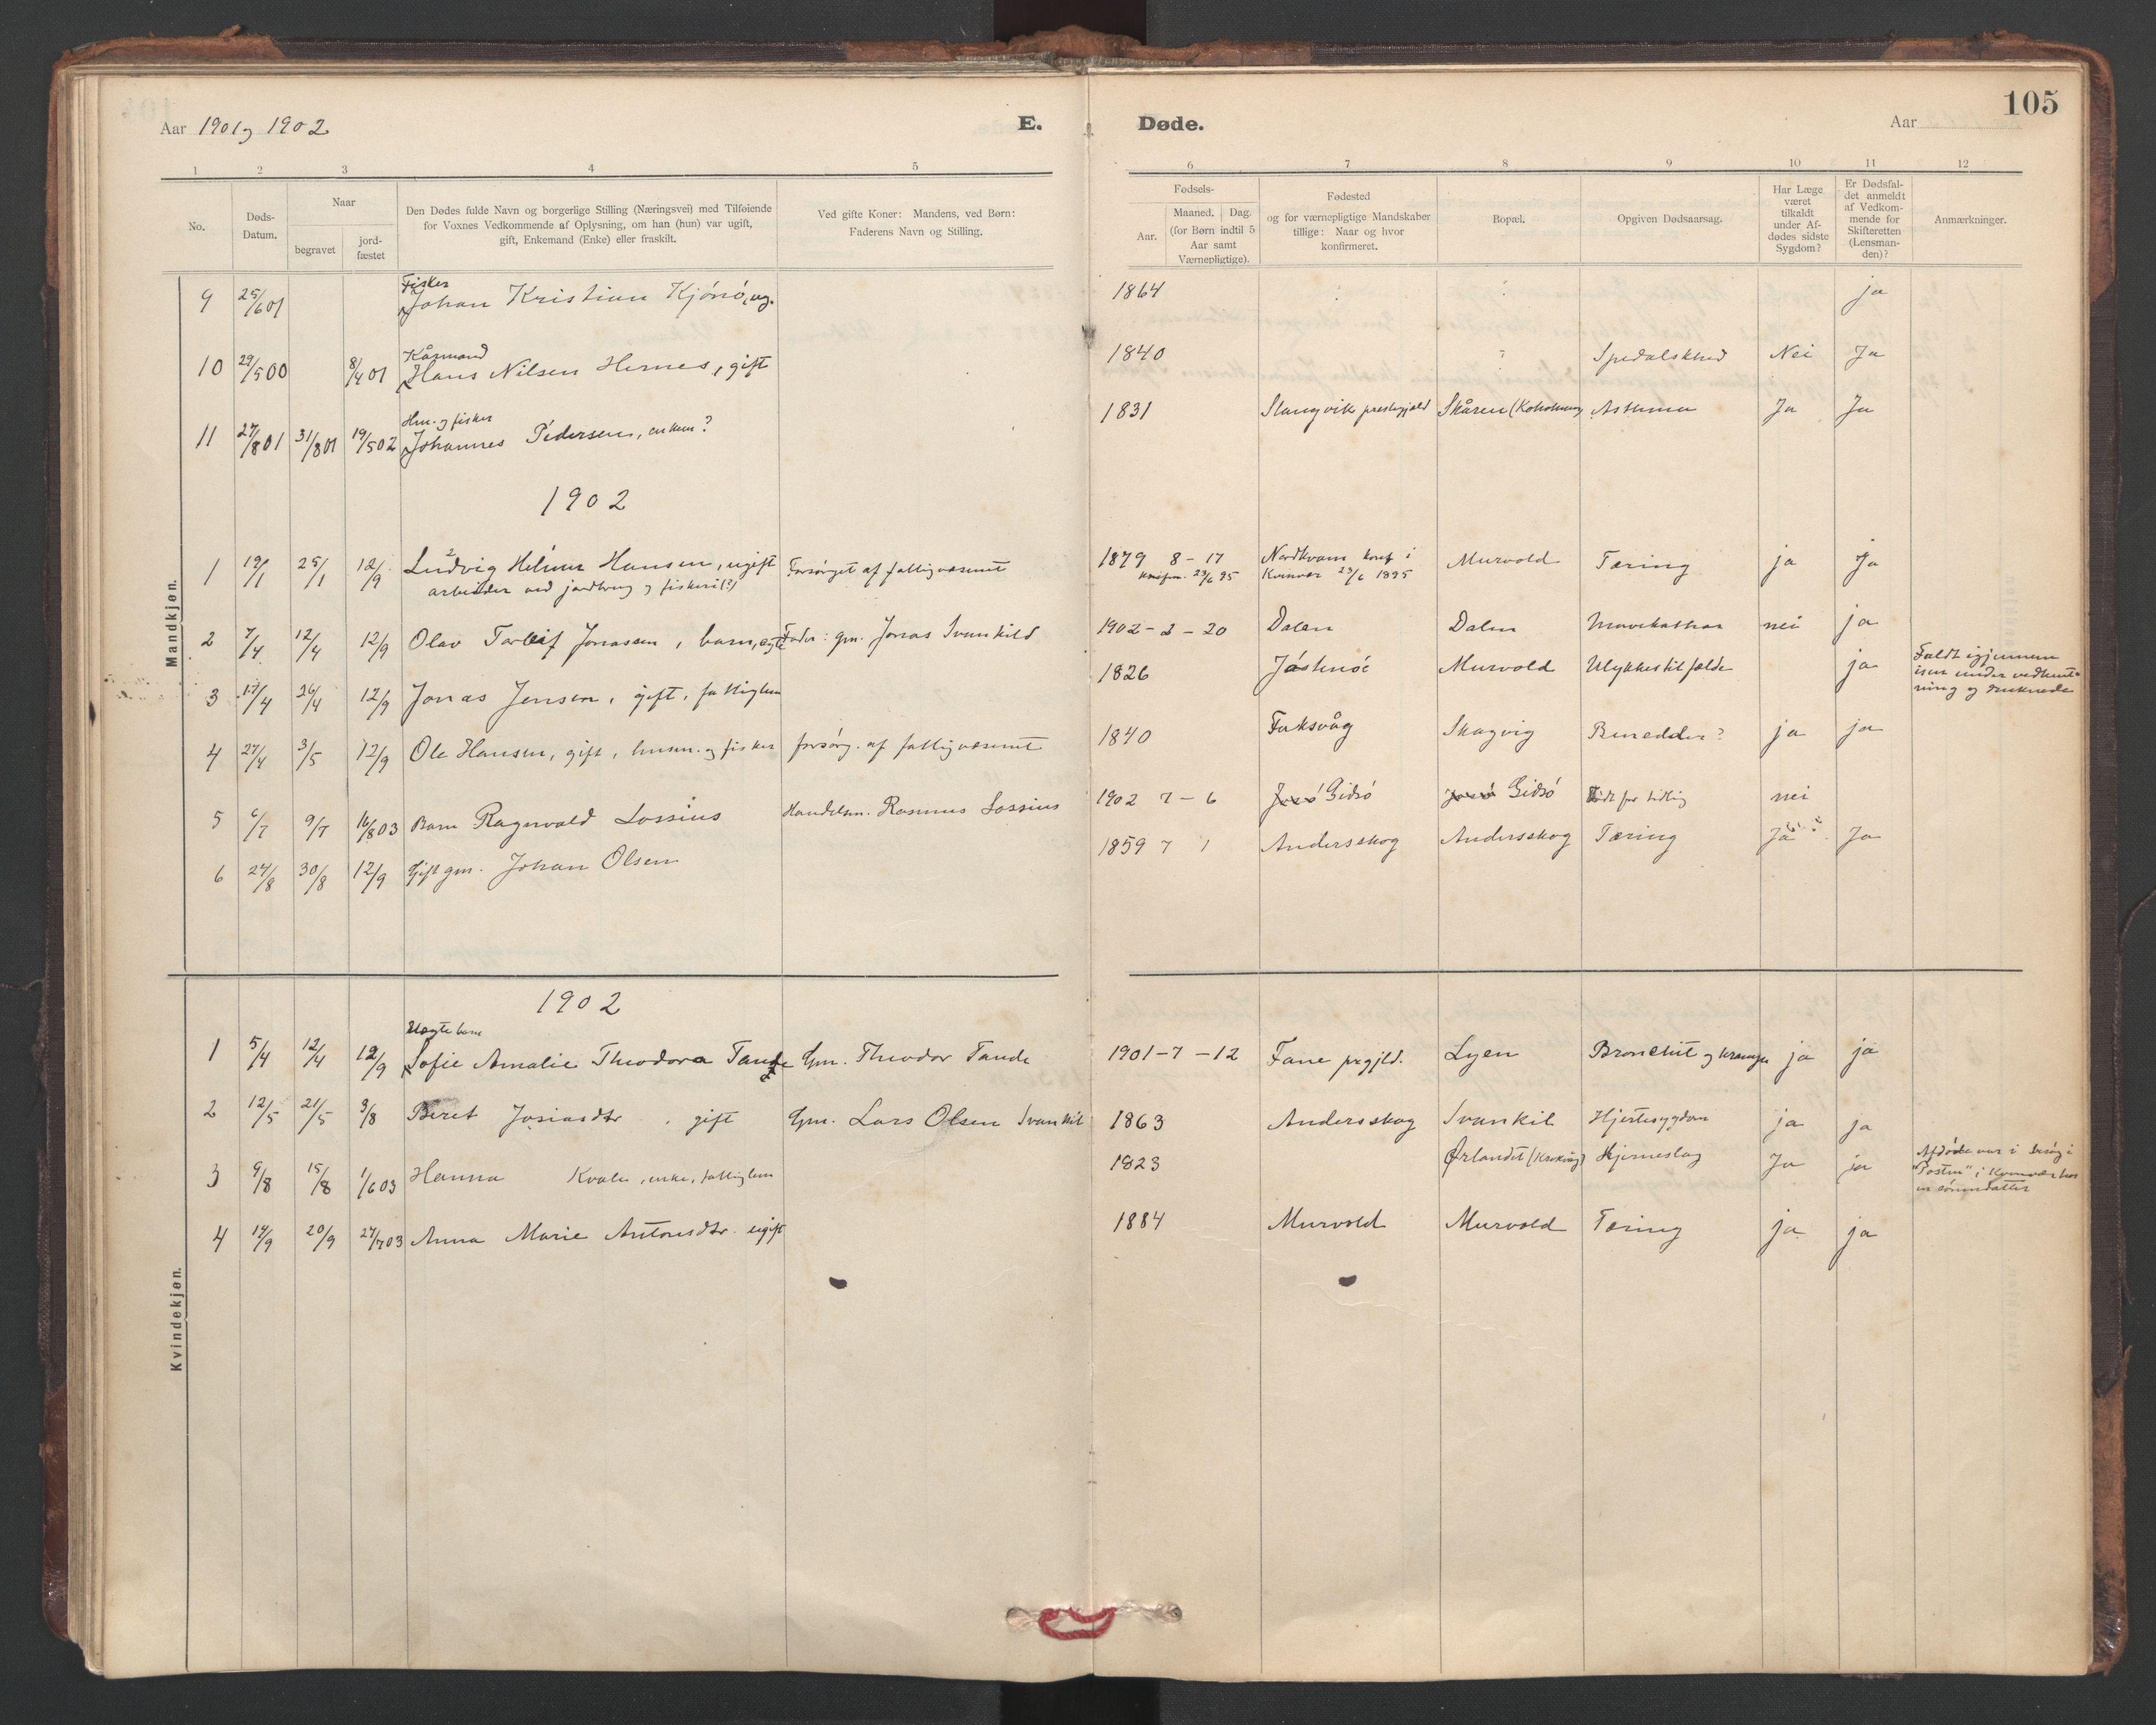 SAT, Ministerialprotokoller, klokkerbøker og fødselsregistre - Sør-Trøndelag, 635/L0552: Ministerialbok nr. 635A02, 1899-1919, s. 105